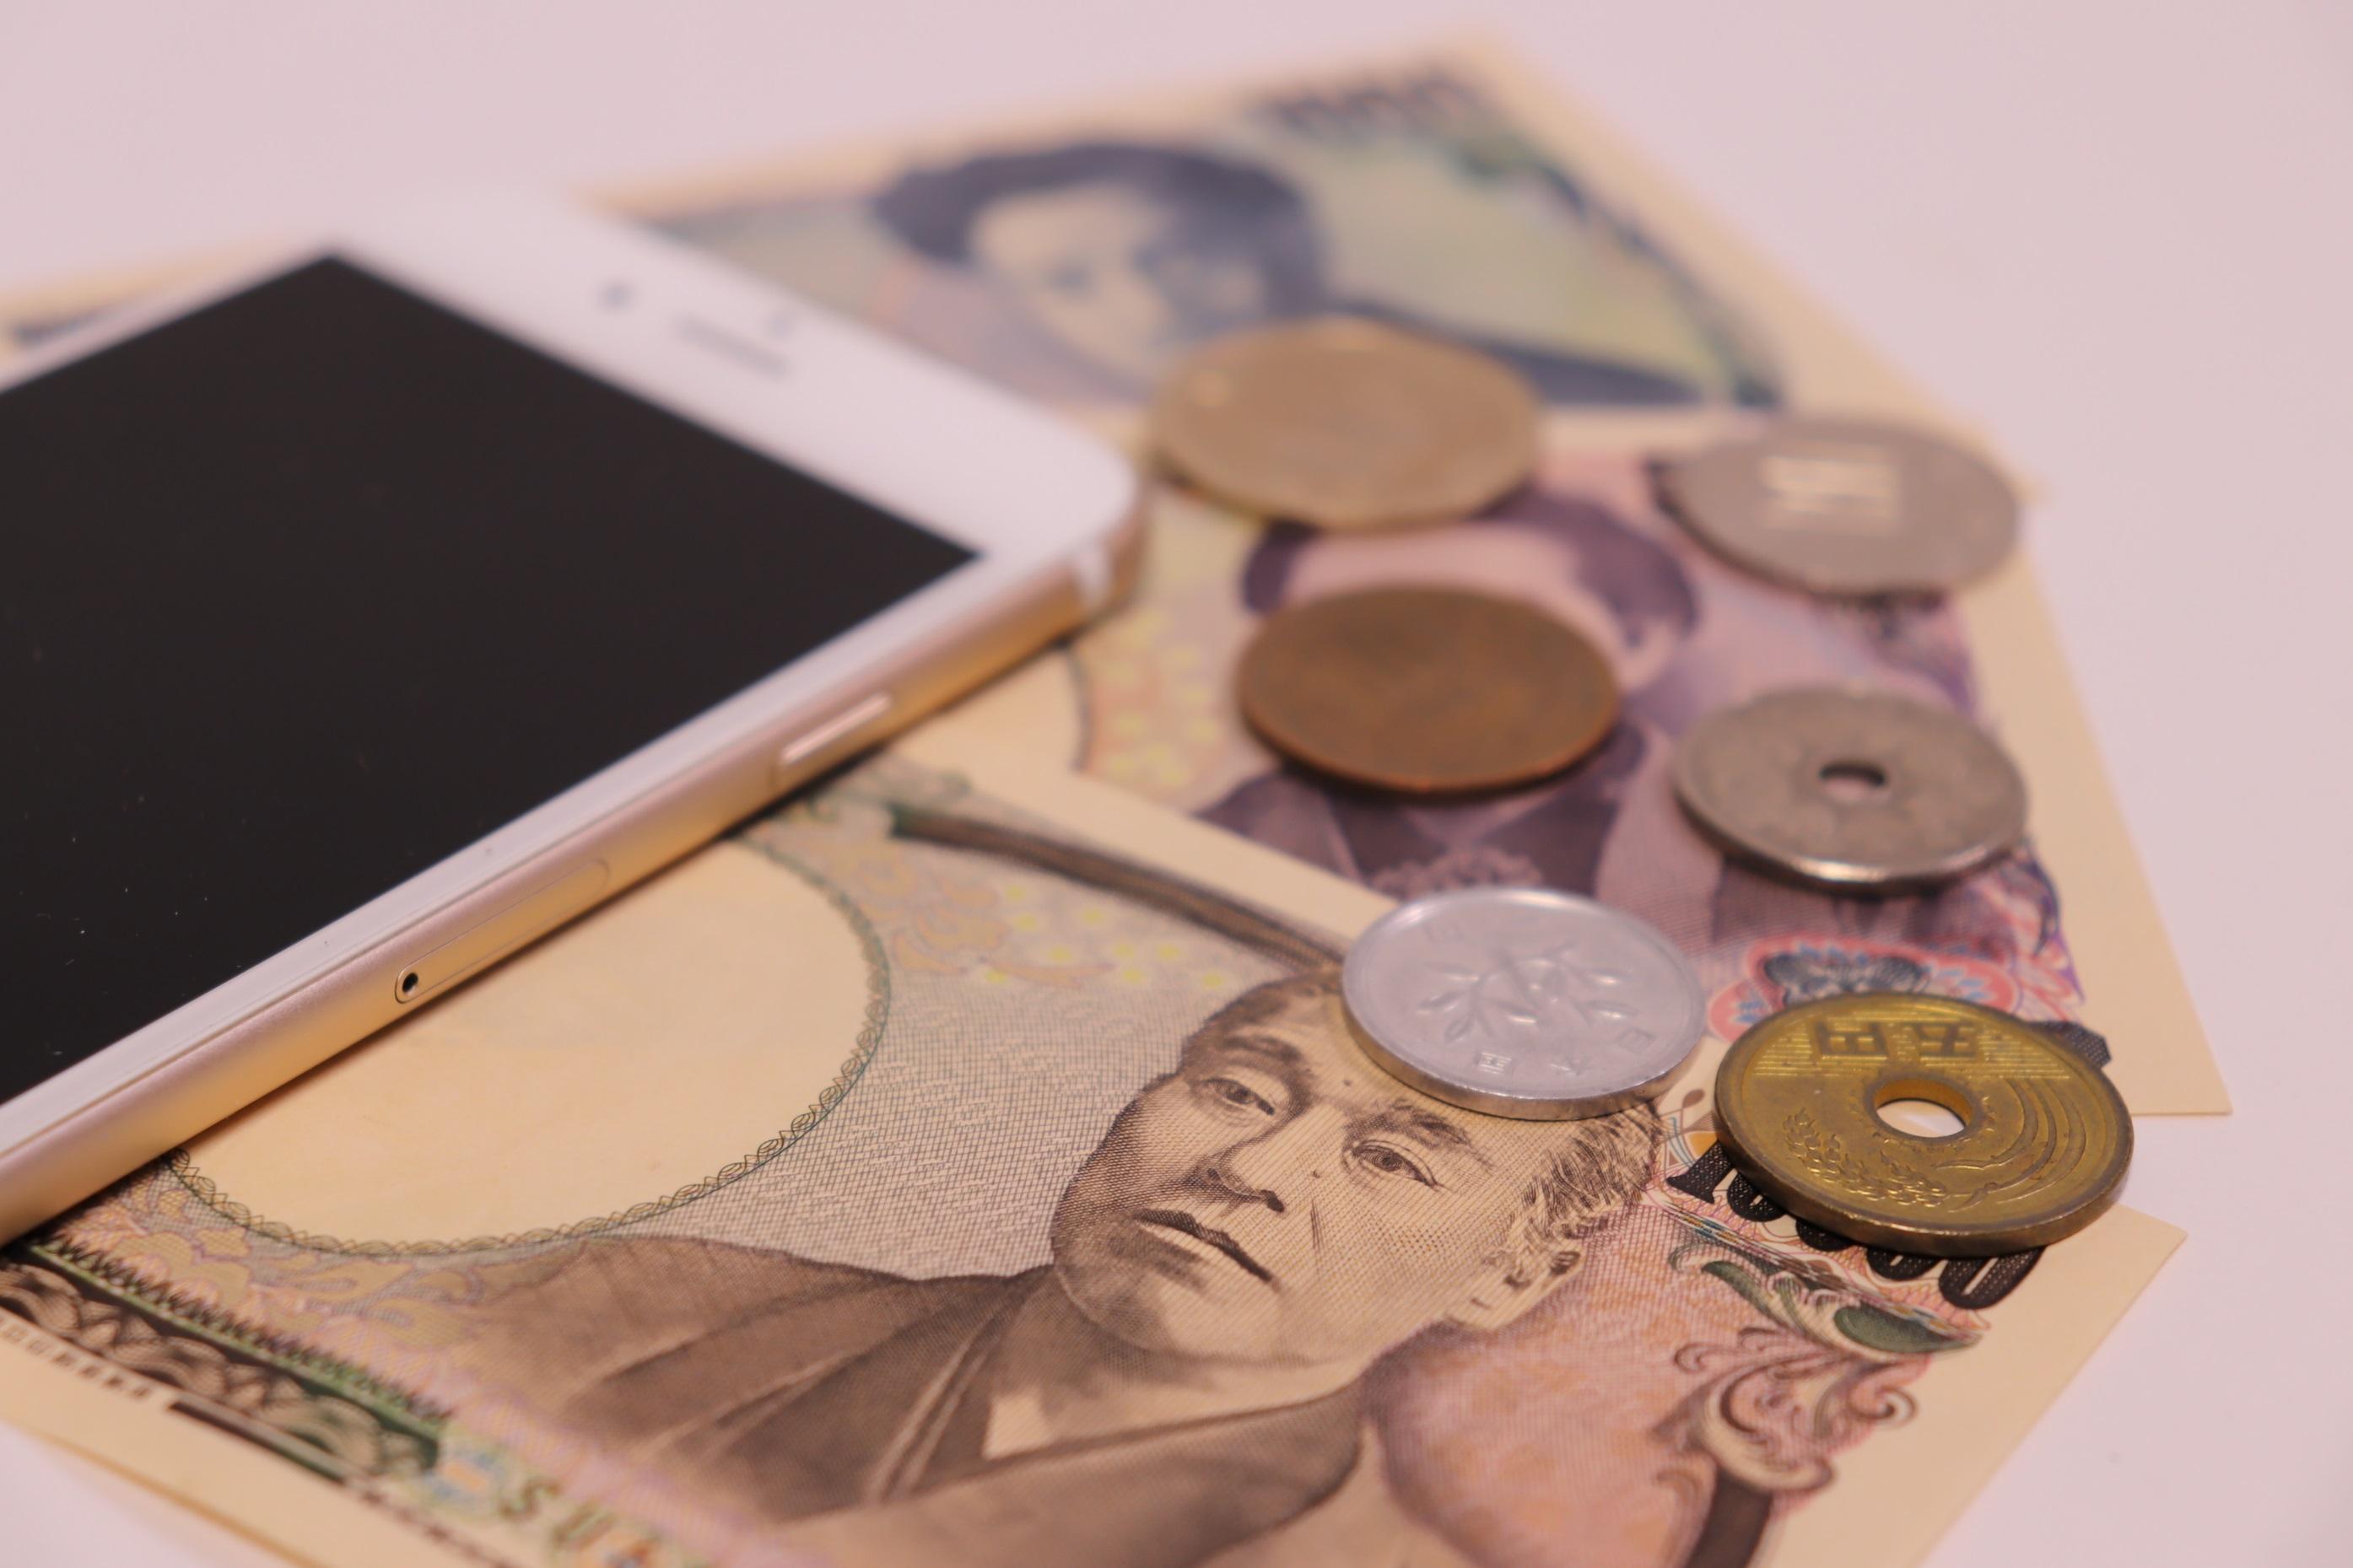 iPhoneを一括0円で購入するときの注意点